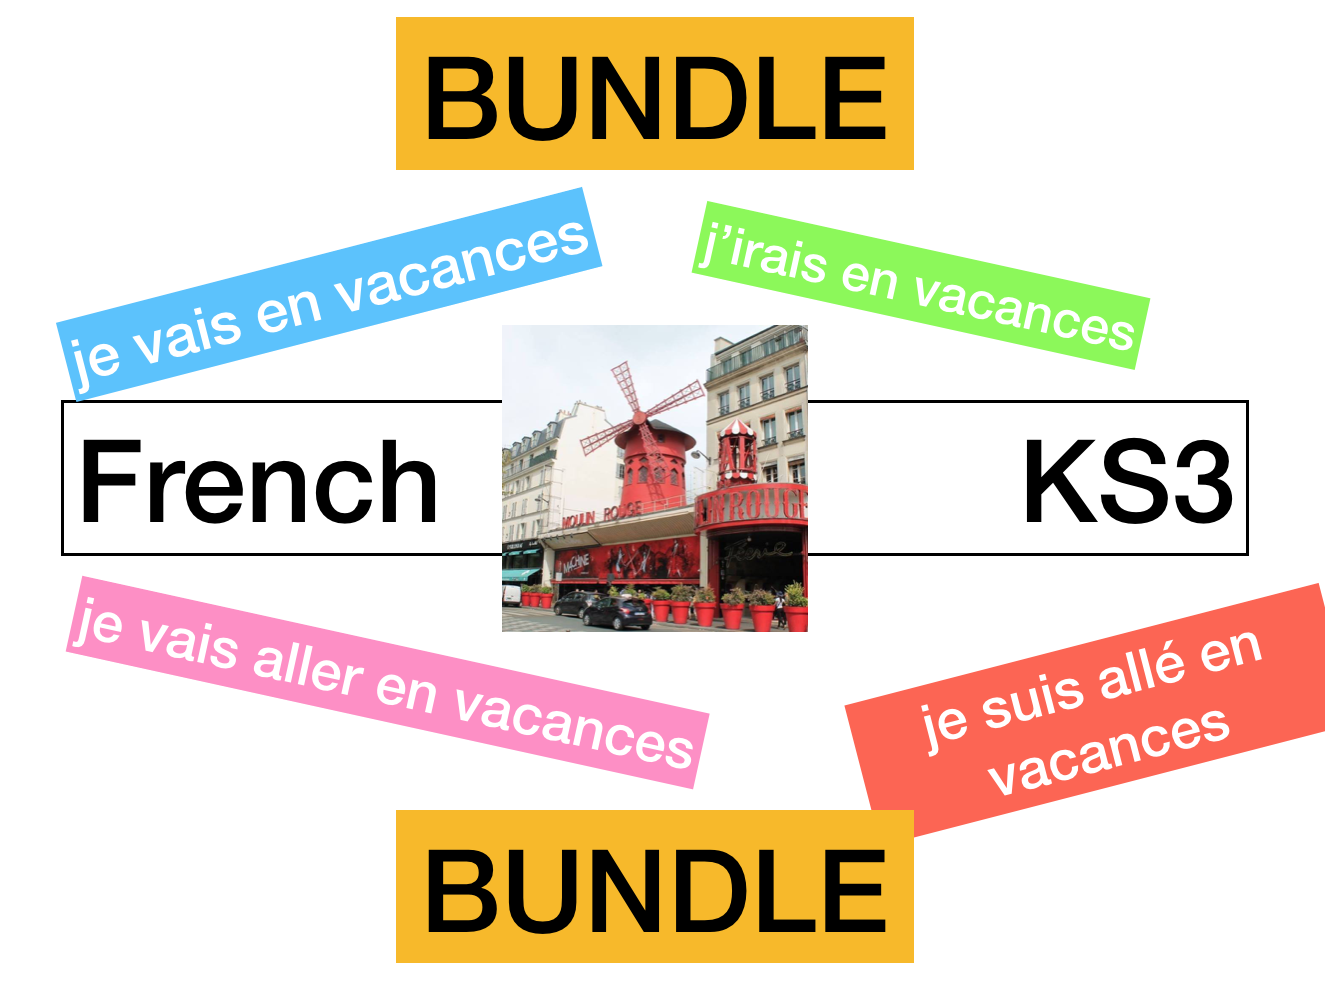 KS3 - French Allez 1 Destination vacances - four tenses (7.1 -7.2 -7.3 - 7.4)